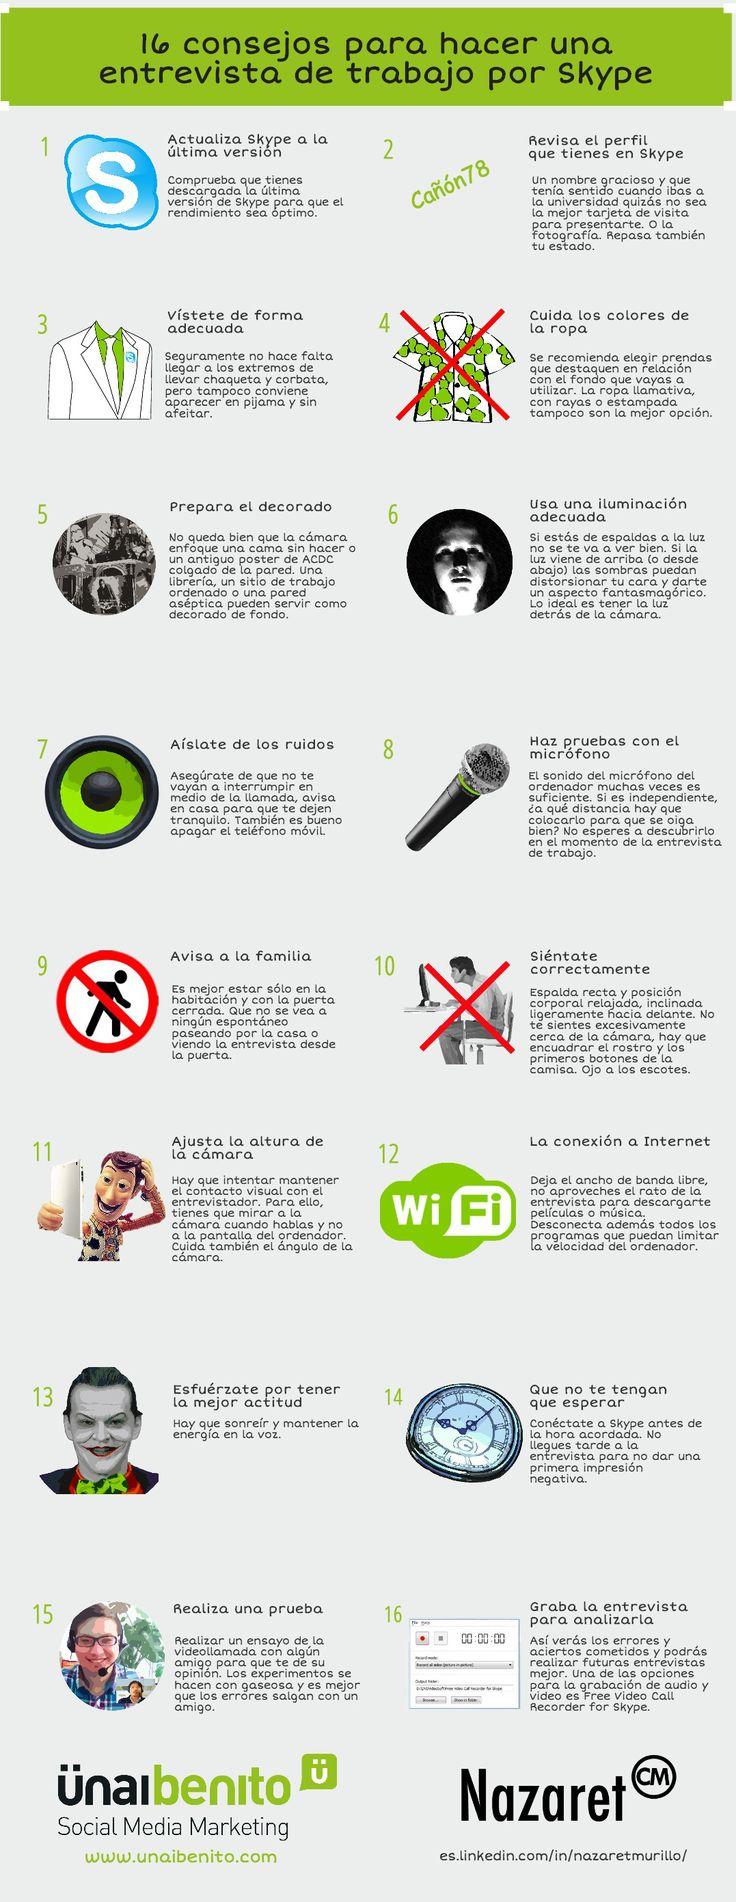 16 consejos para hacer entrevistas de trabajo con Skype Vía: www.unaibenito.com #infografia #infographic #empleo